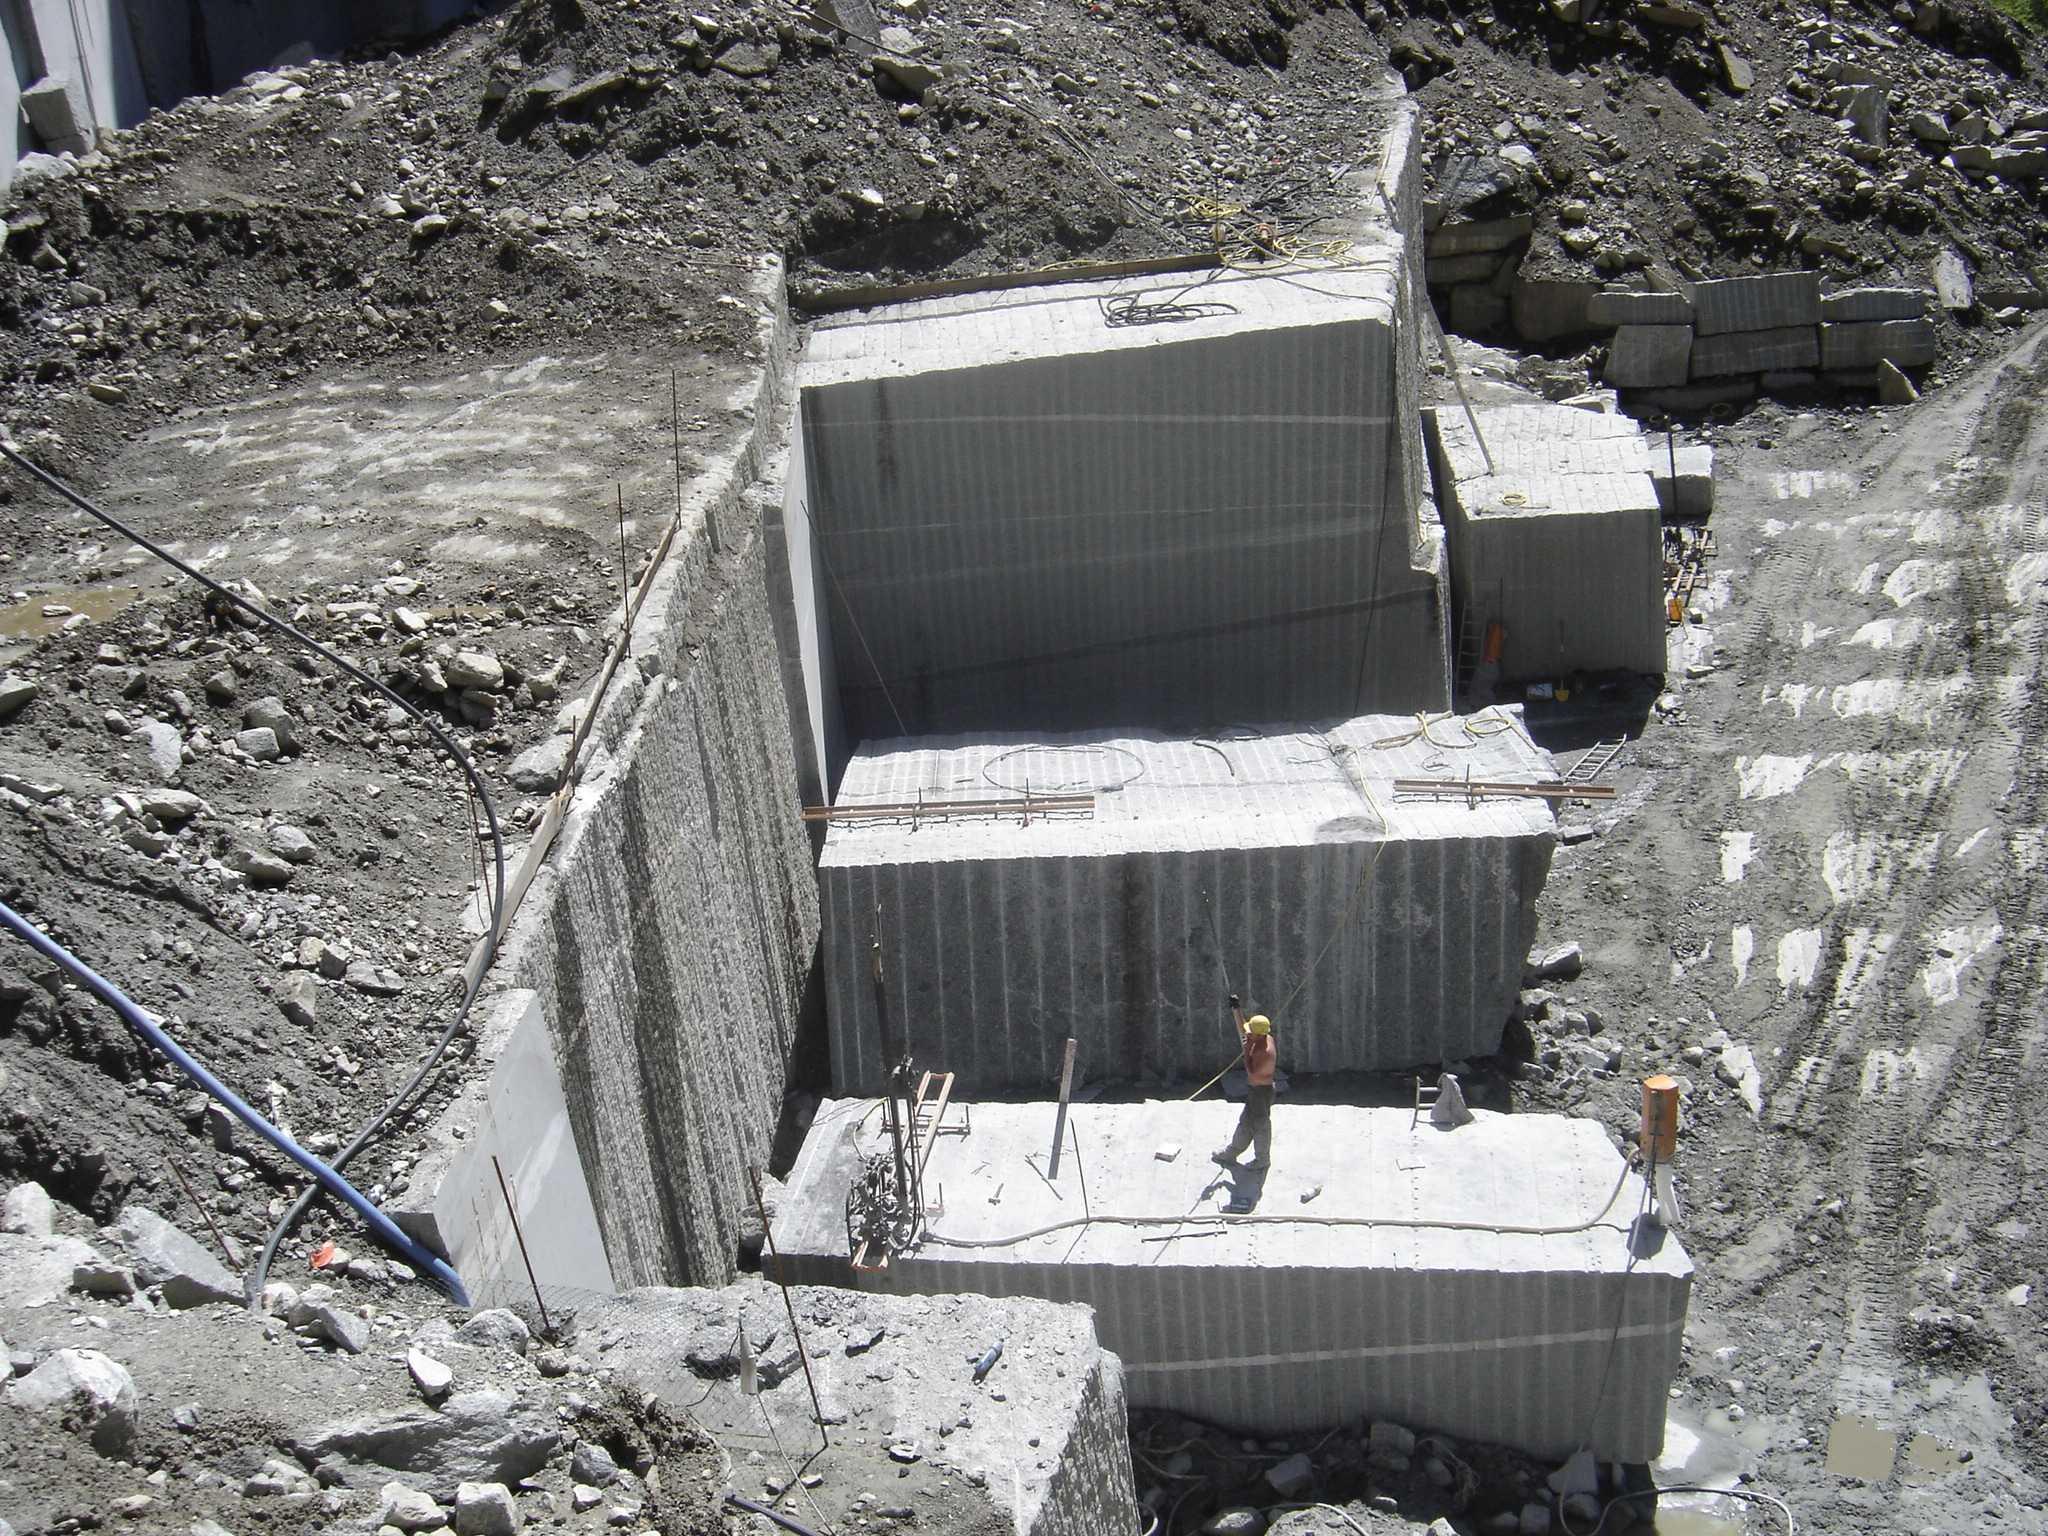 Volfi snc estrazione assograniti vco for Godi graniti